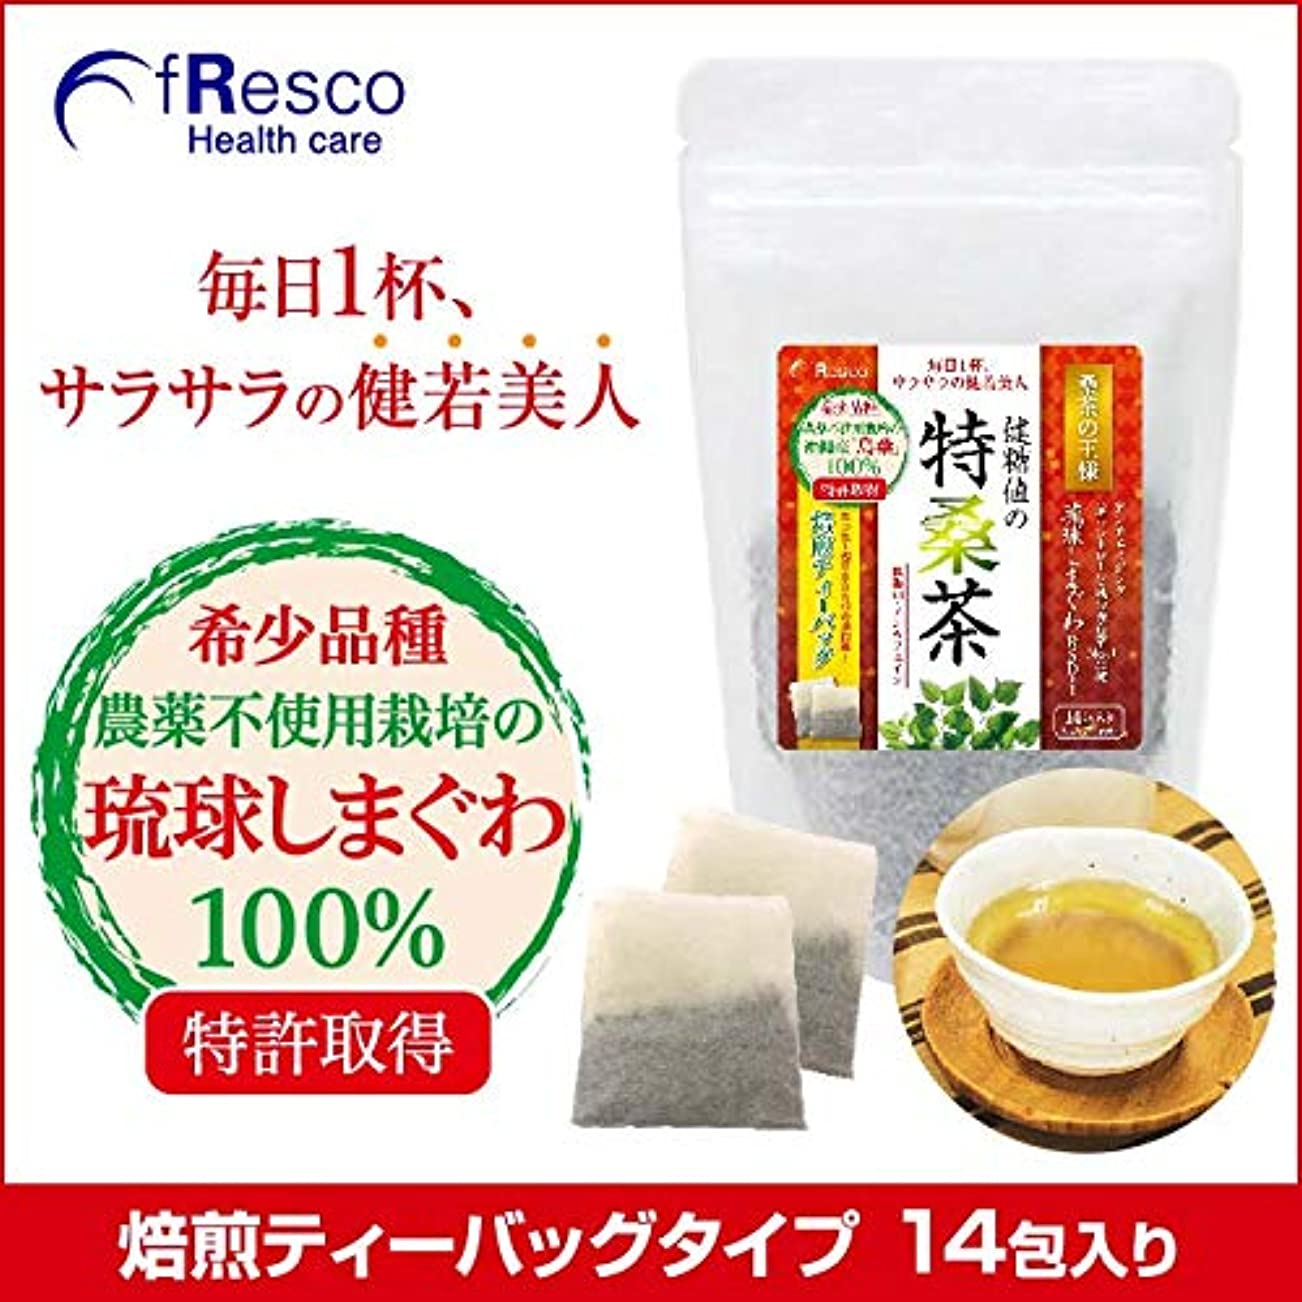 オーバードロー整理するファイル琉球しまぐわ 健糖値の特桑茶 焙煎ティーバック